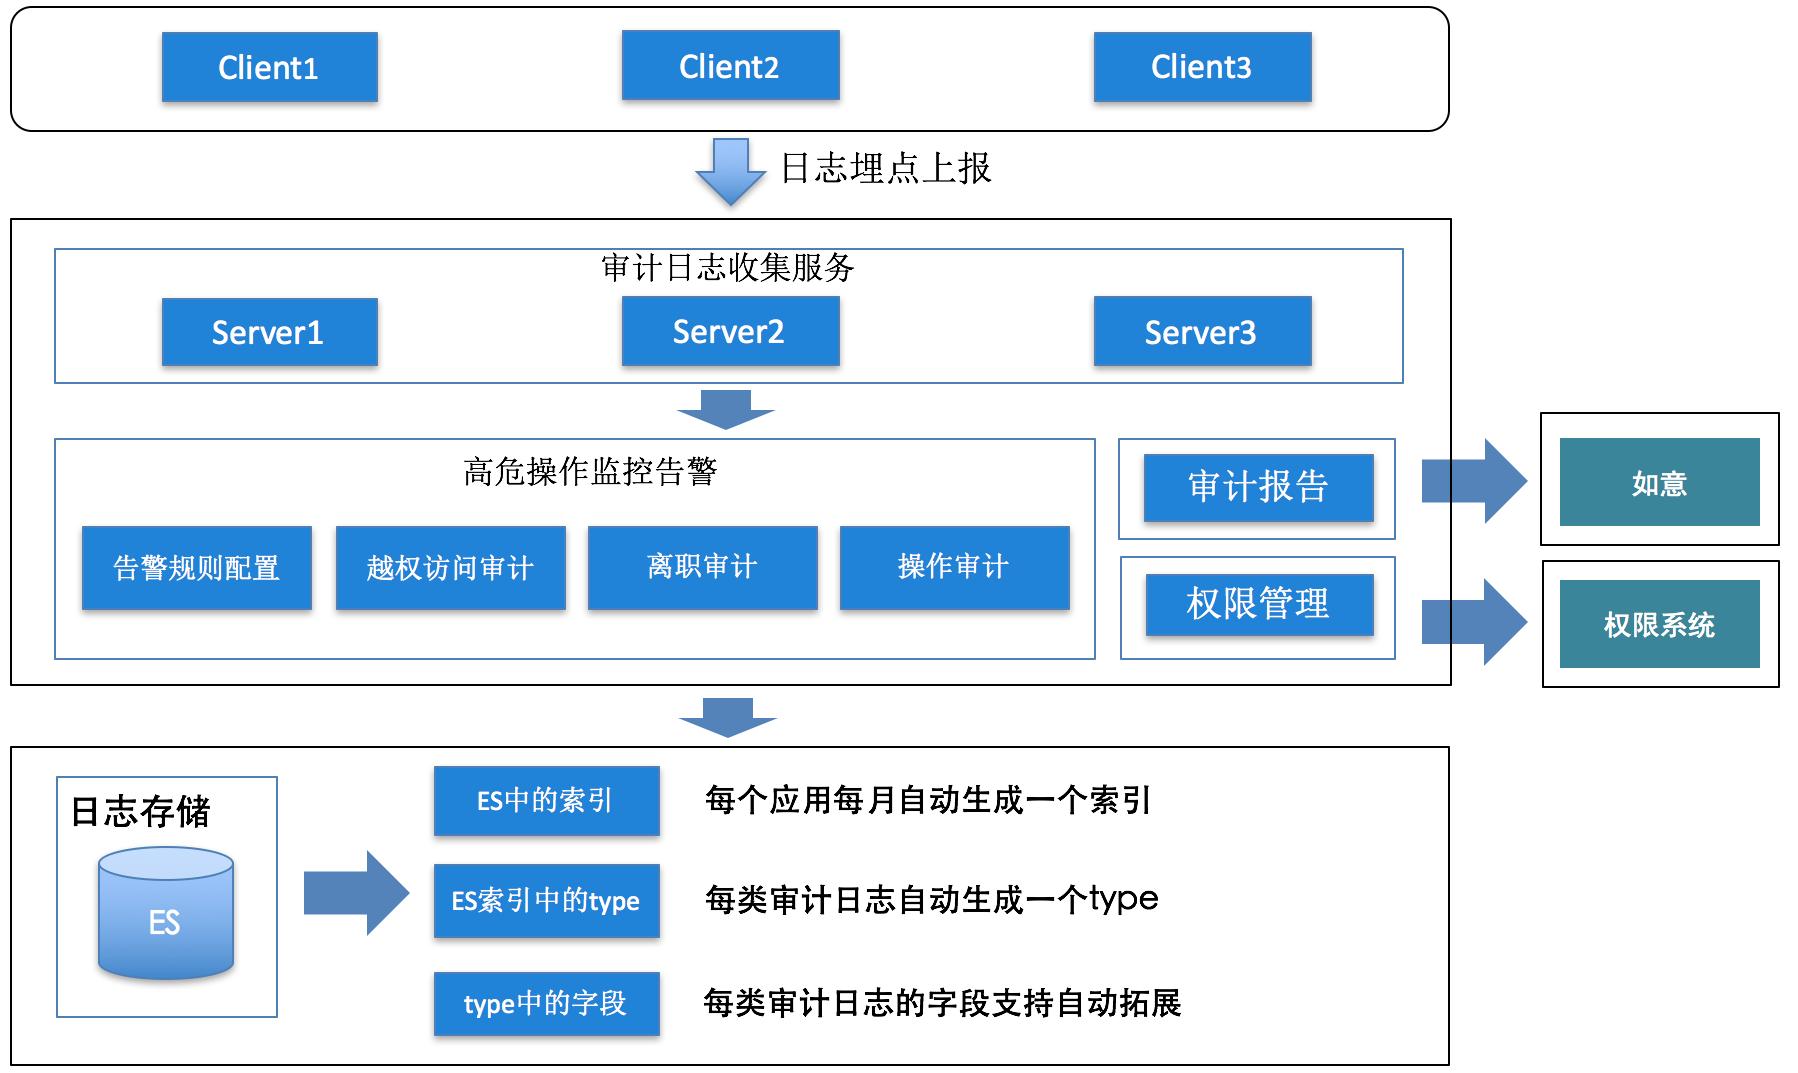 图11 审计系统架构